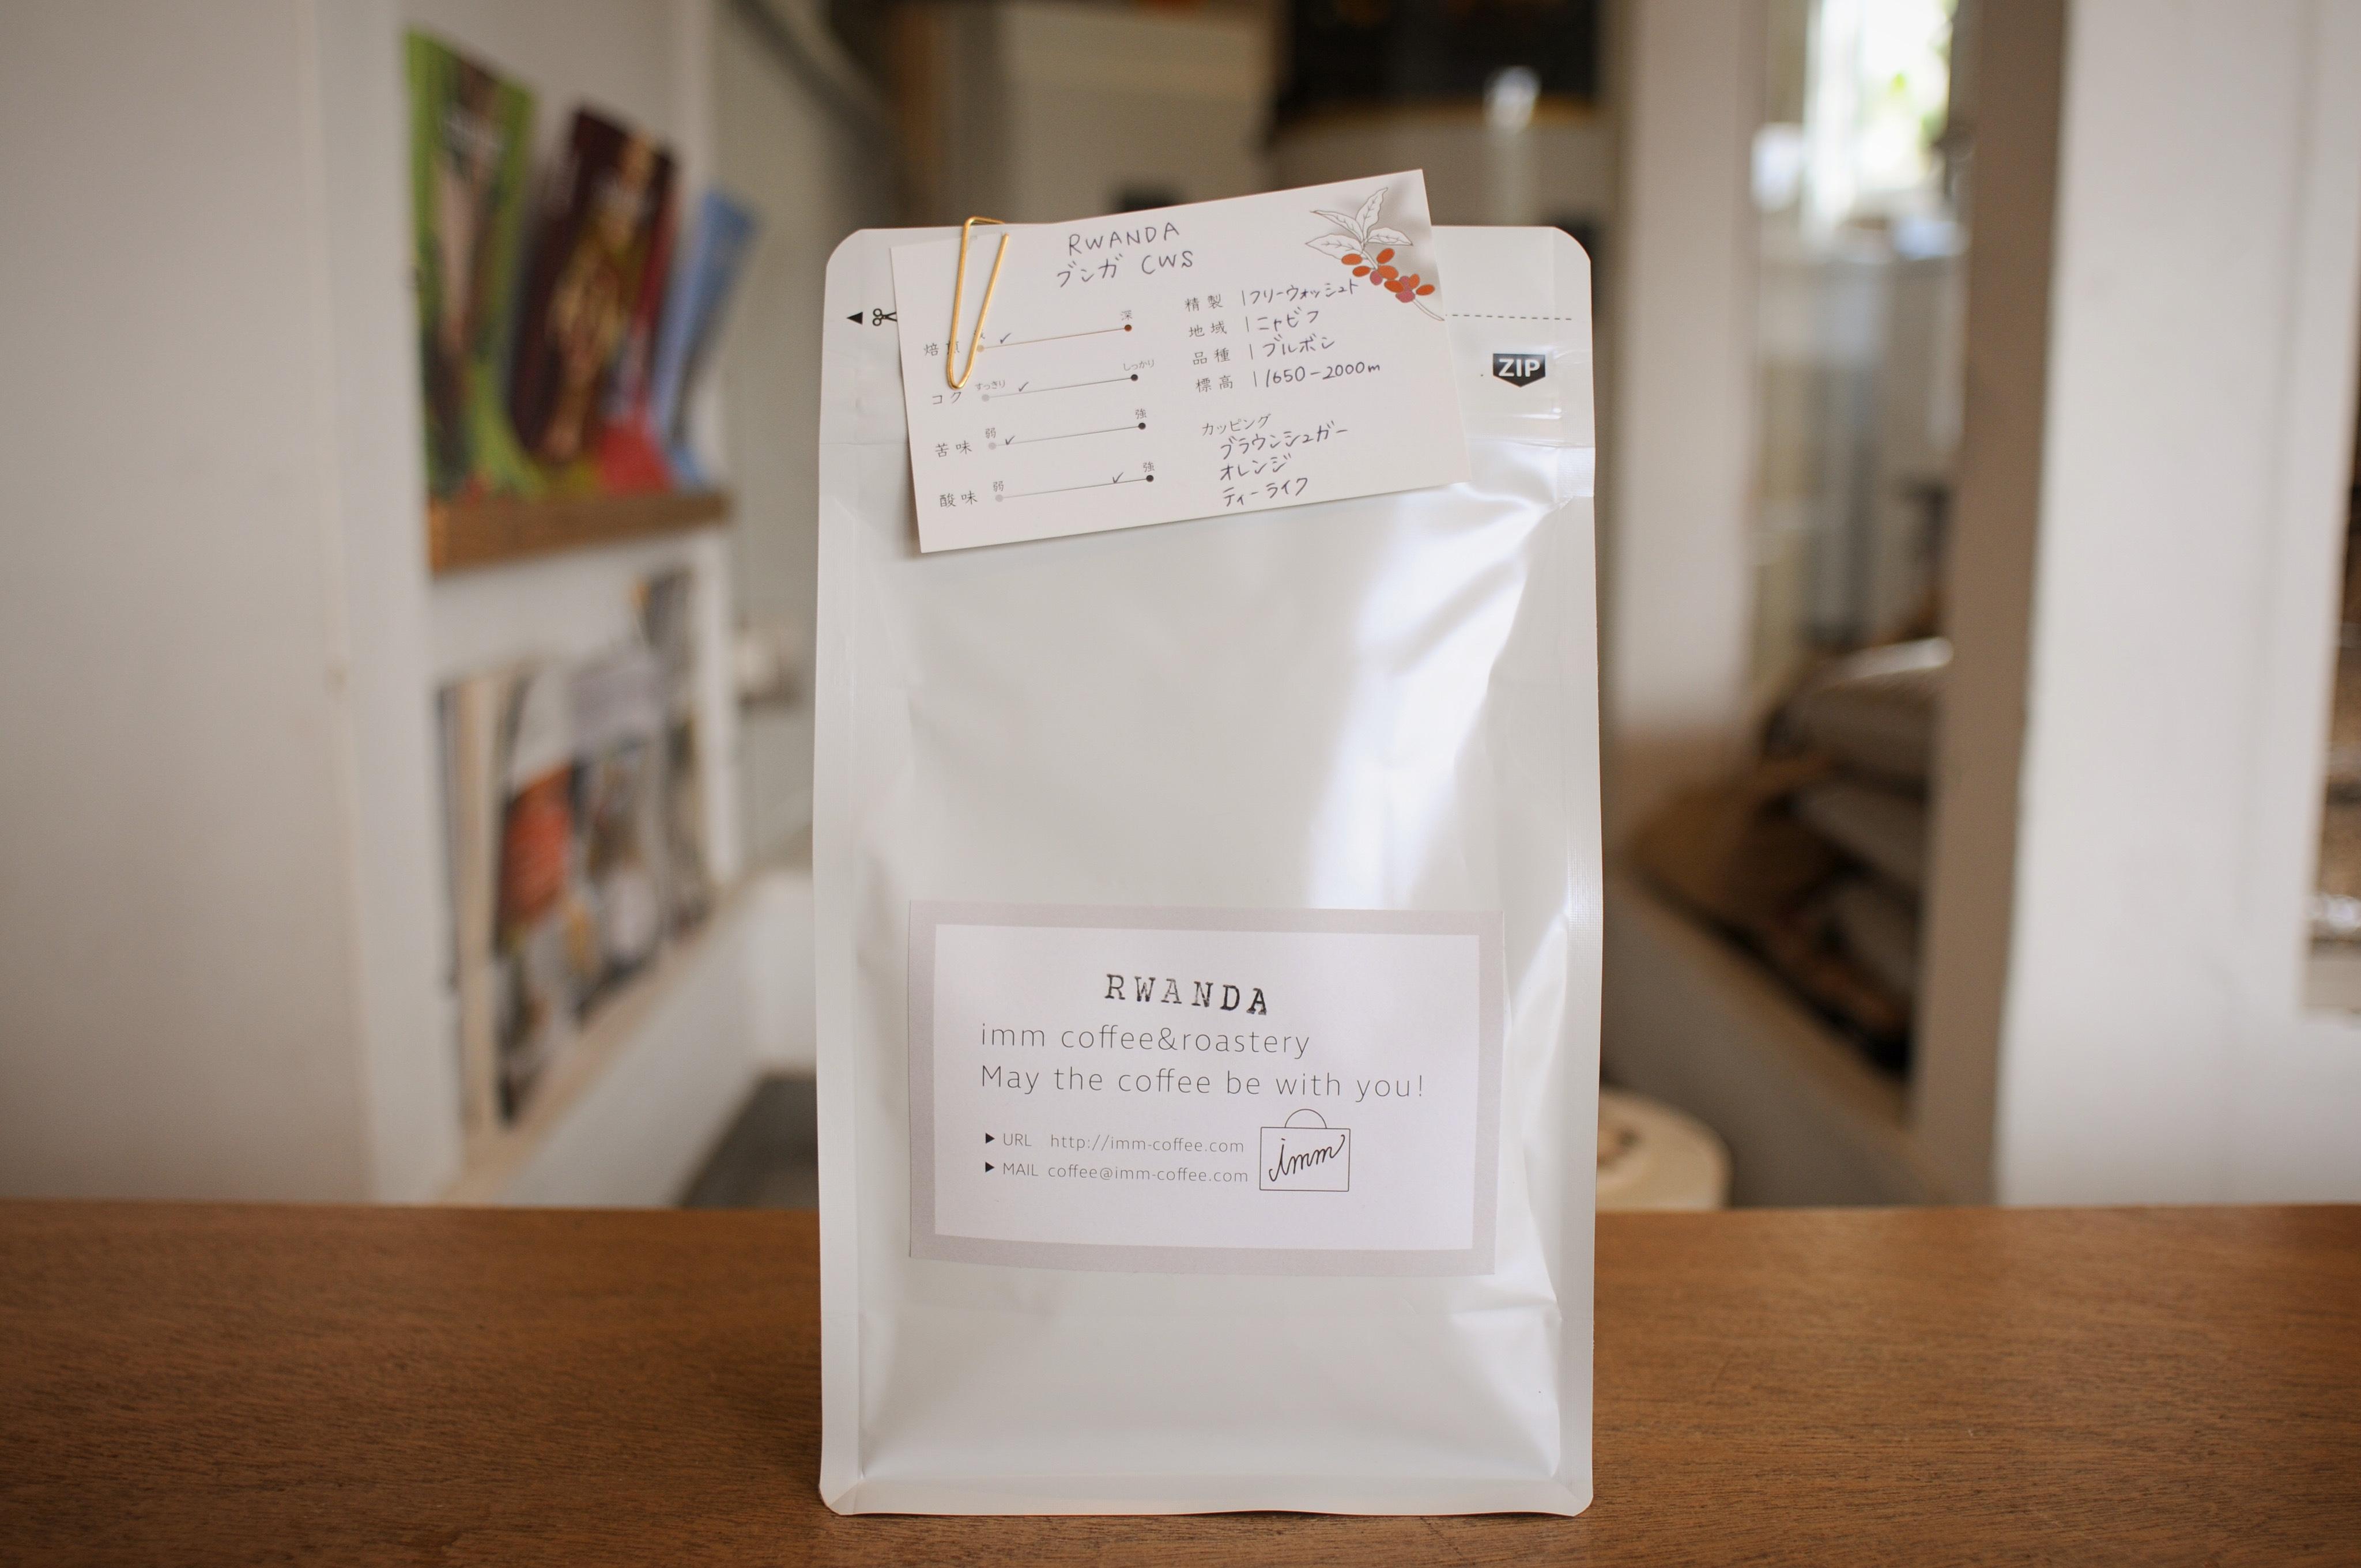 ルワンダ ブンガCWS コーヒー豆200g